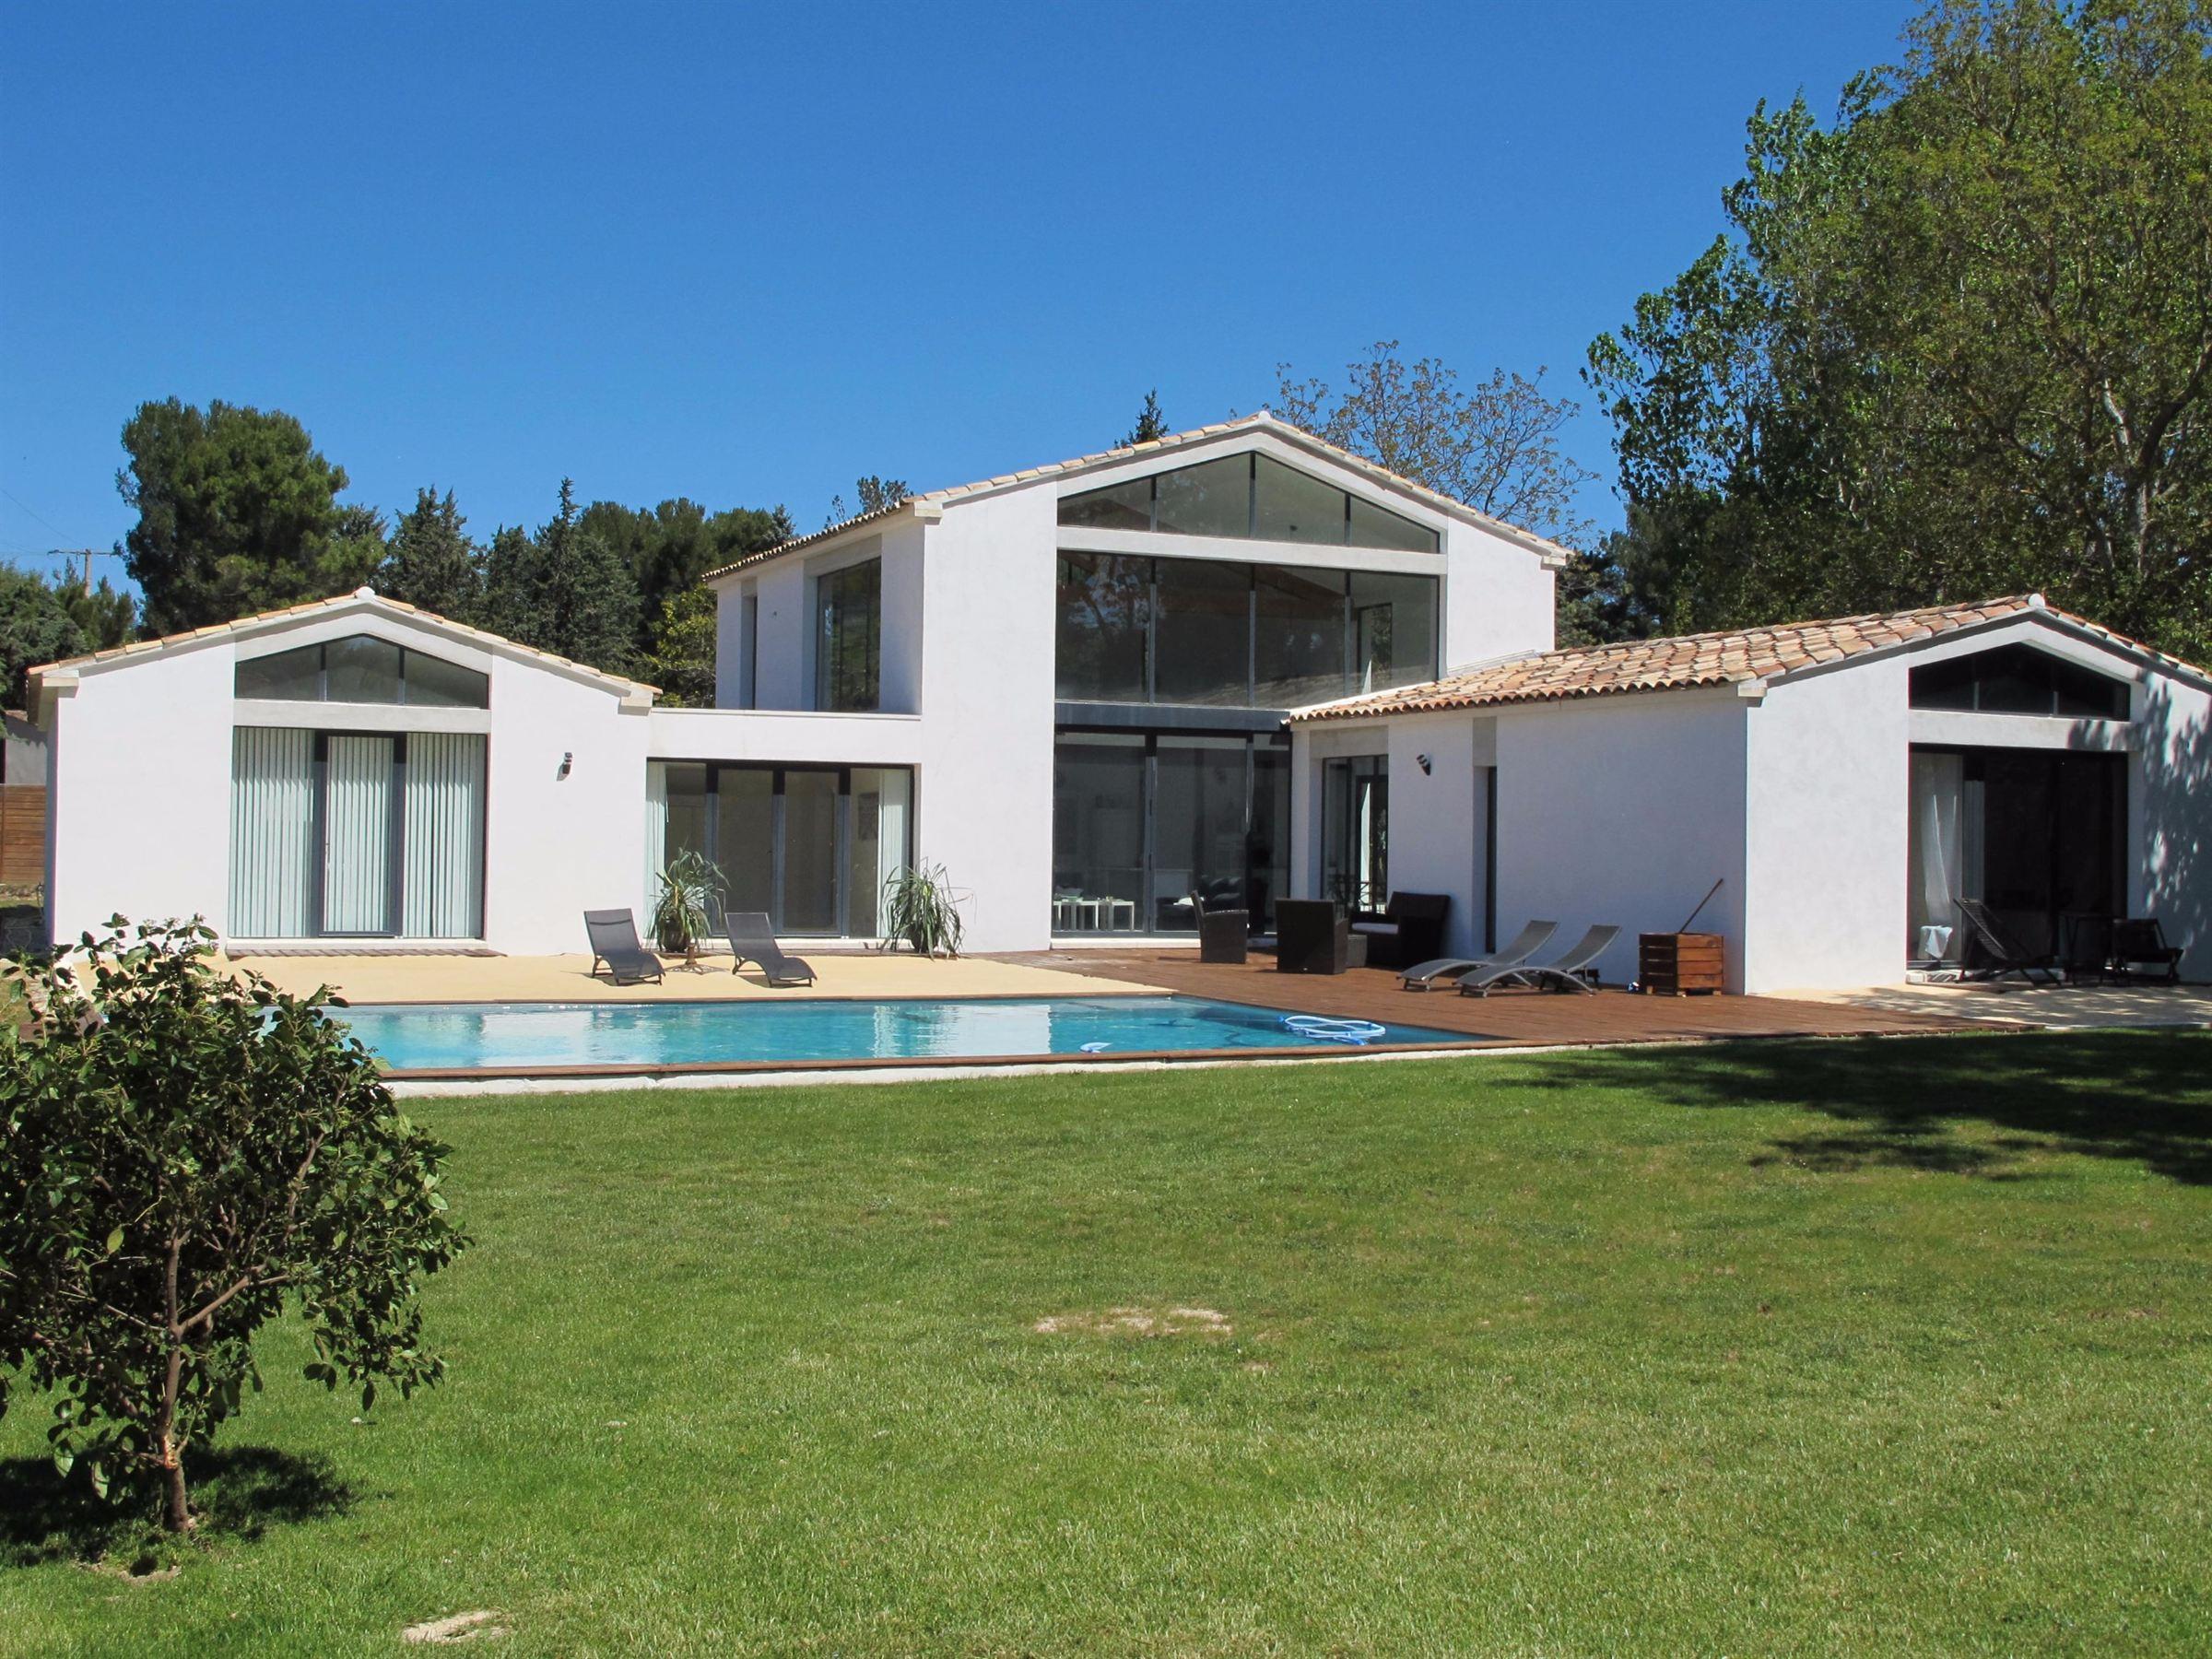 Nhà ở một gia đình vì Bán tại Magnificient house Other Provence-Alpes-Cote D'Azur, Provence-Alpes-Cote D'Azur, 13100 Pháp